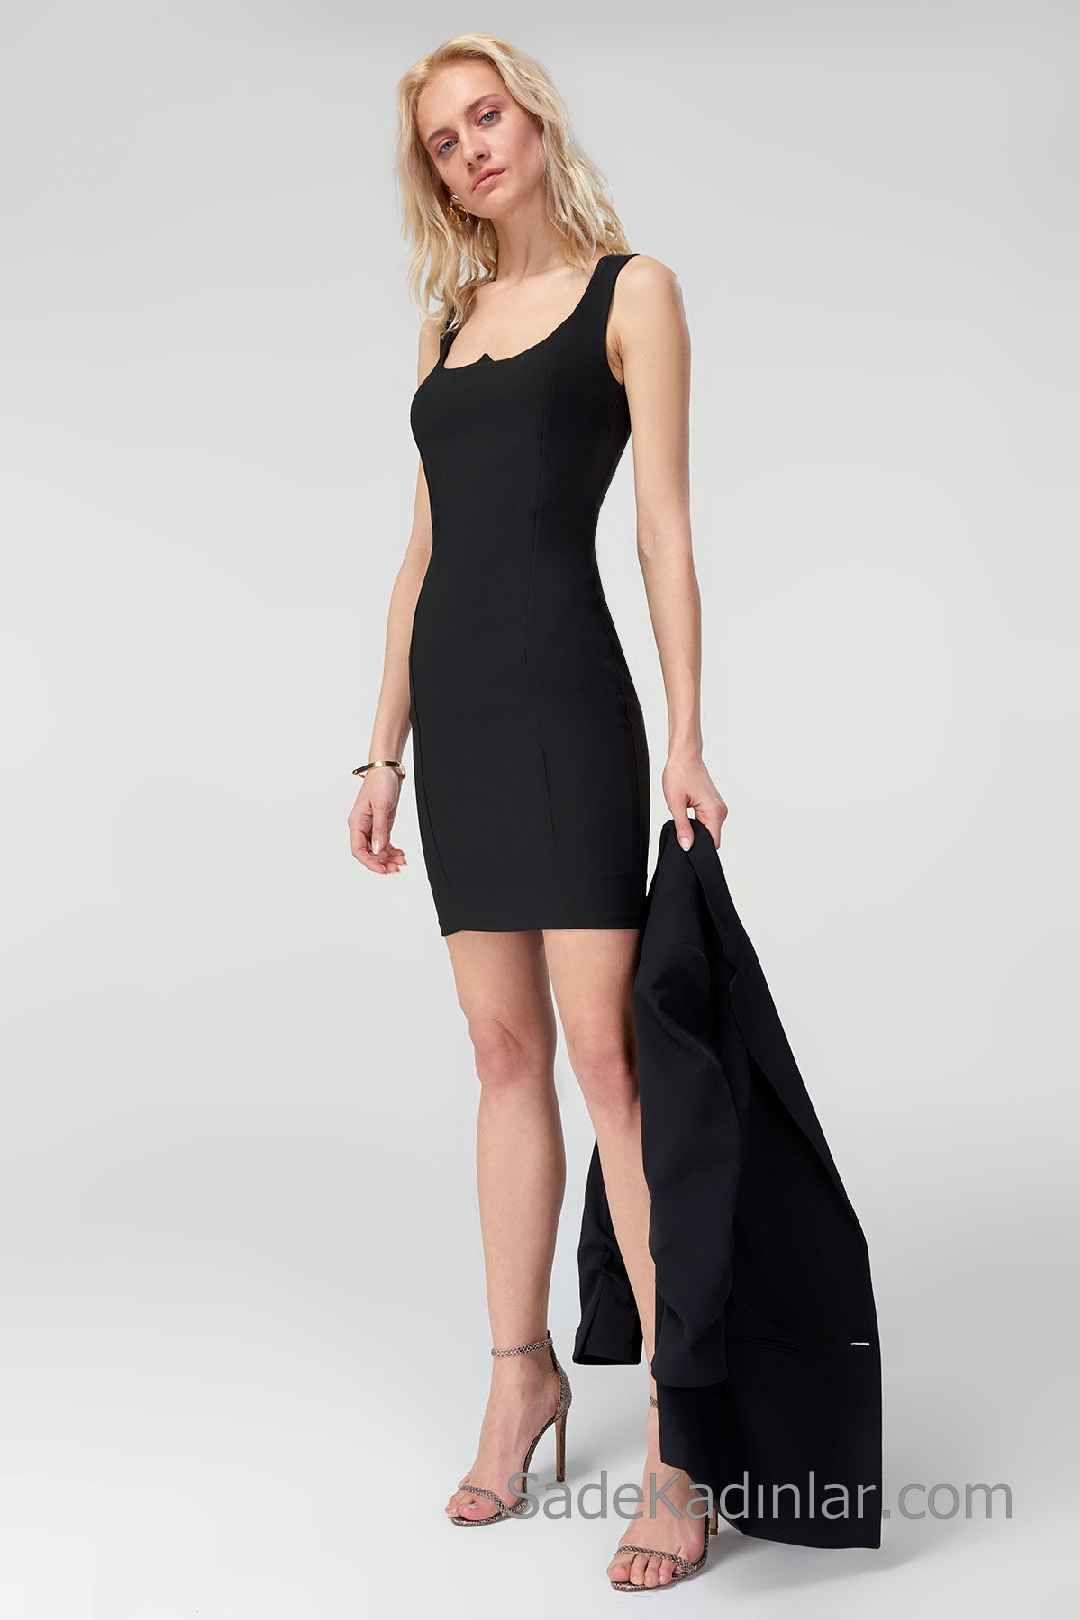 49ccf65097ed7 2020 Siyah Kısa Abiye Elbise Modelleri Kalın Askılı Geniş Yakalı ...